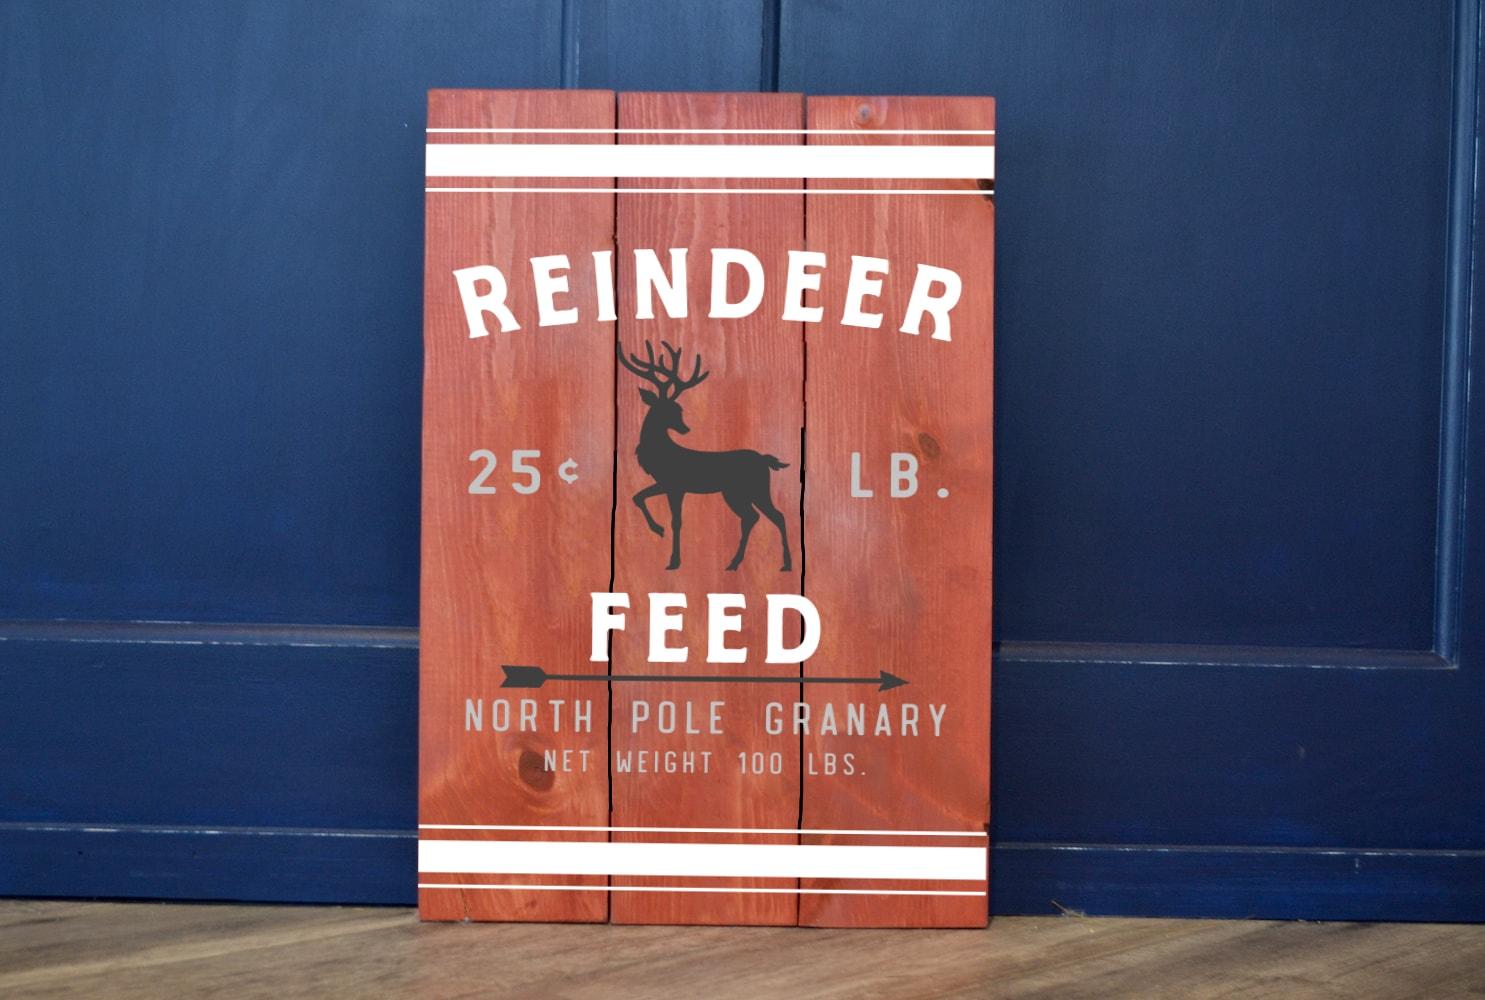 reindeer feed-min